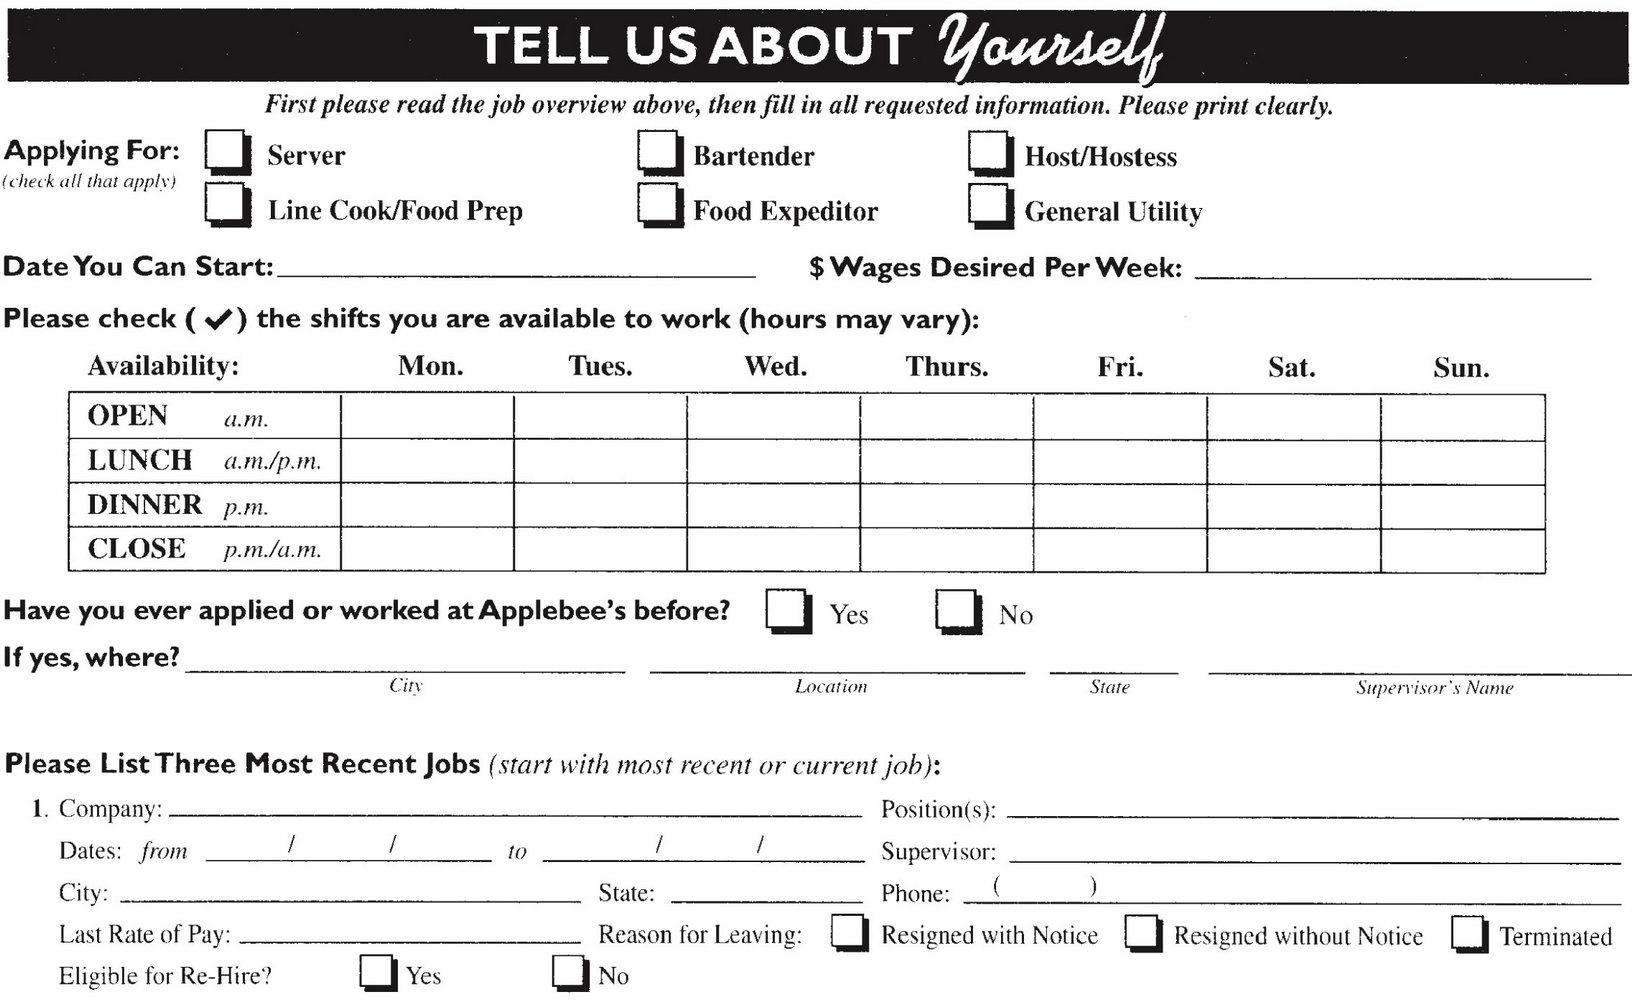 Kentucky Fried Chicken Job Application Pdf